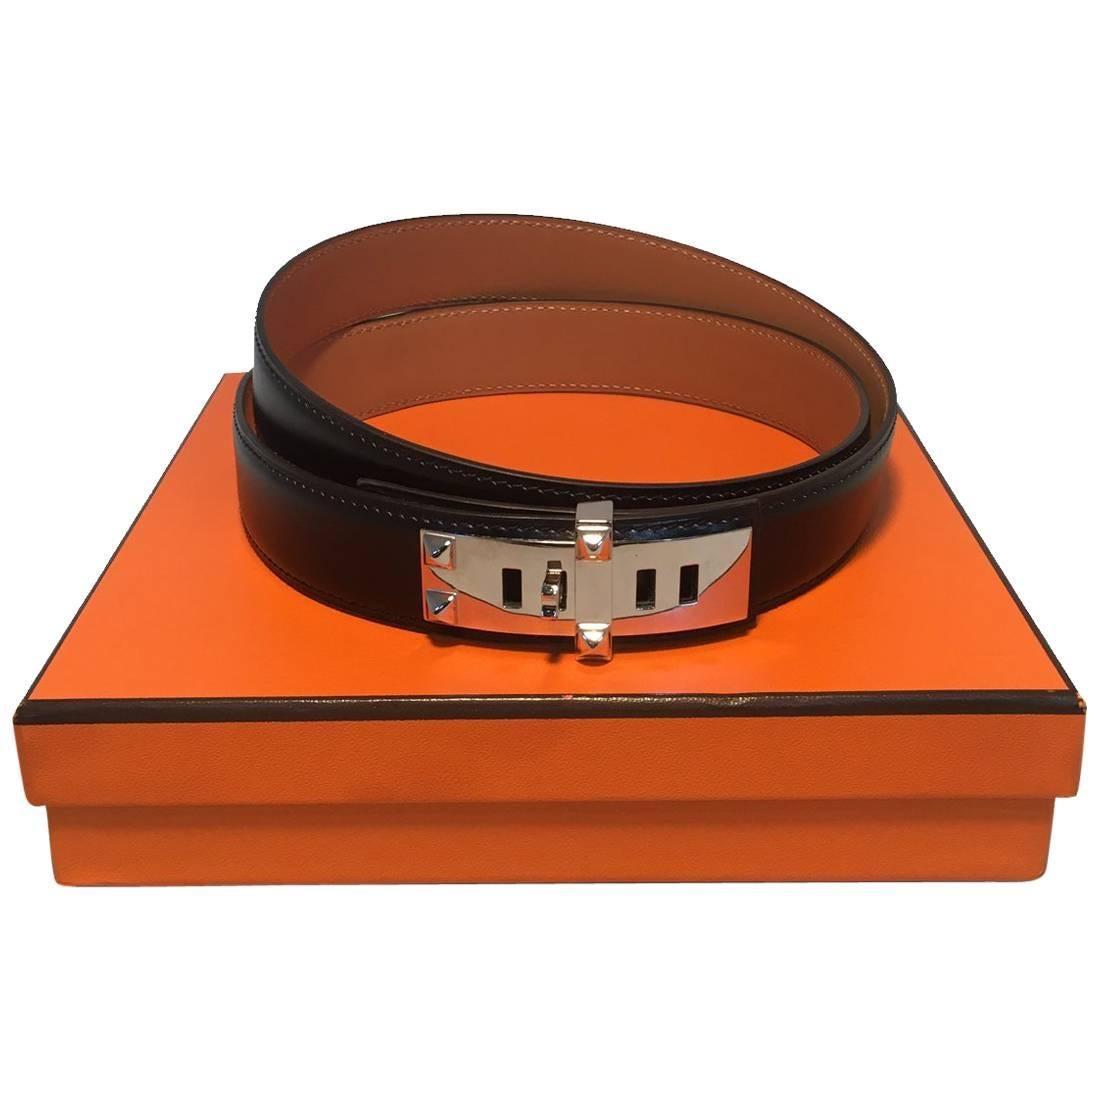 Hermes 90cm Black Box Calf Leather Collier De Chien Belt with Silver PDH